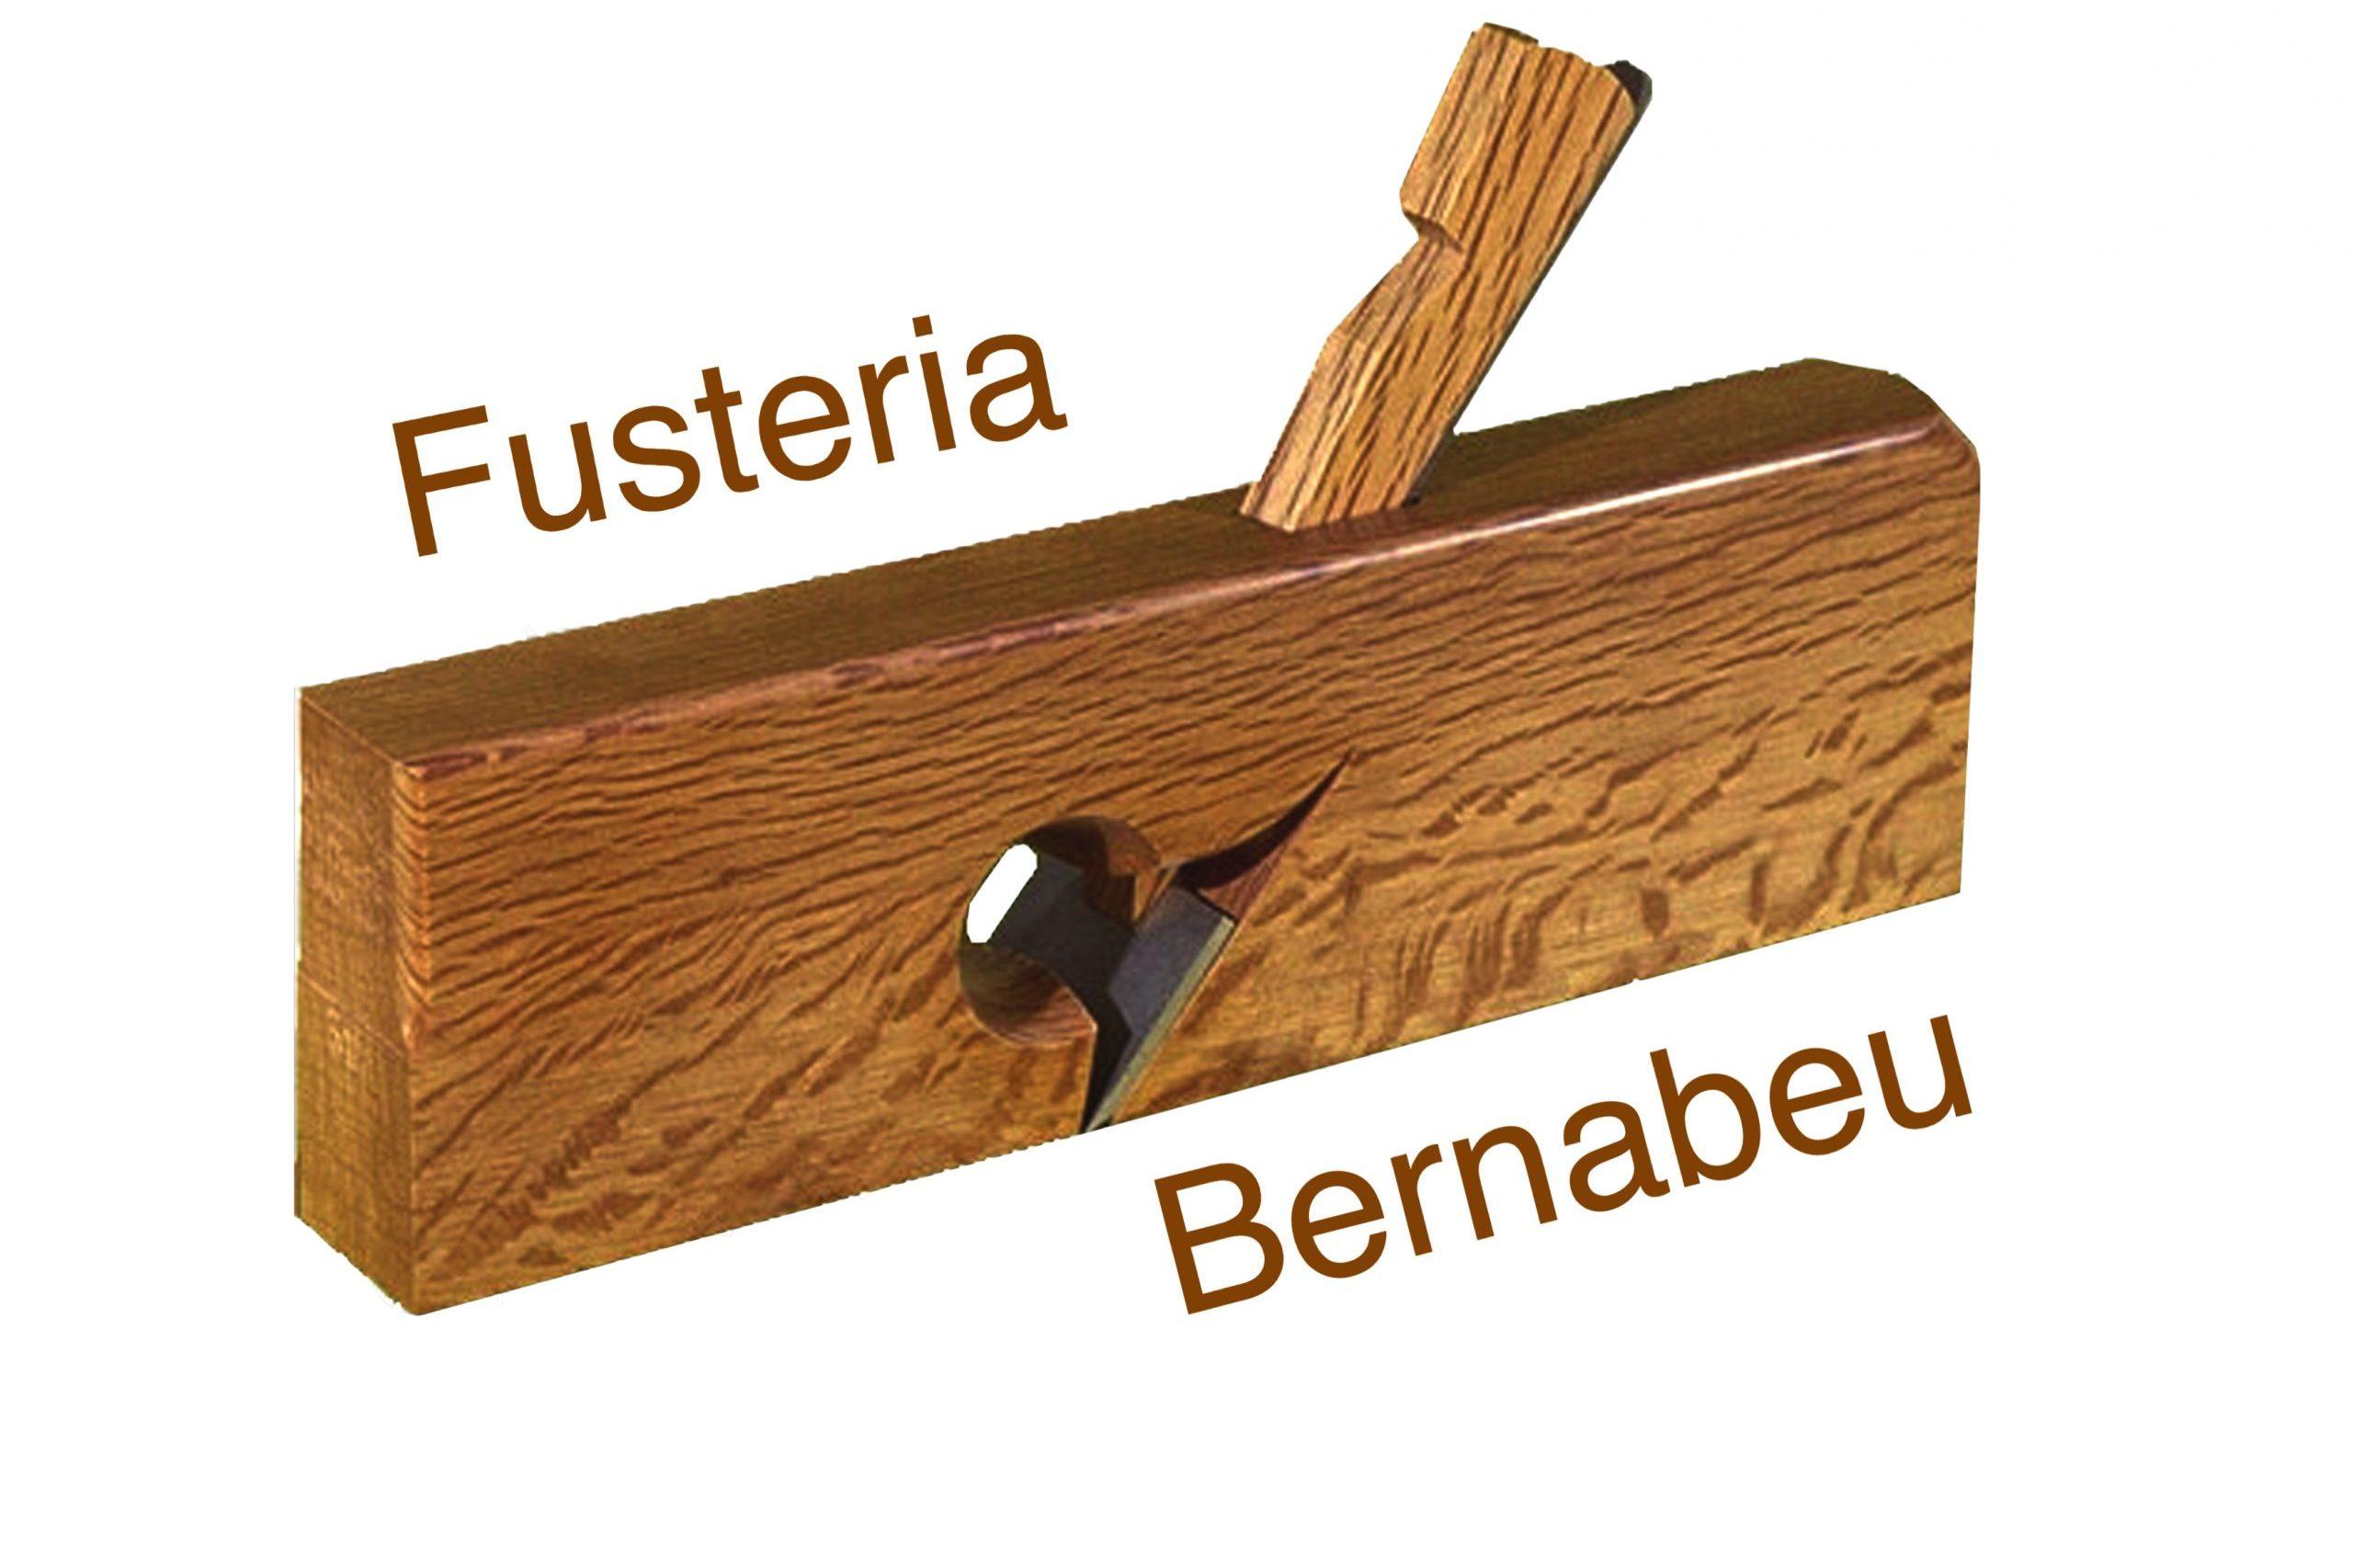 JBFUSTERIA